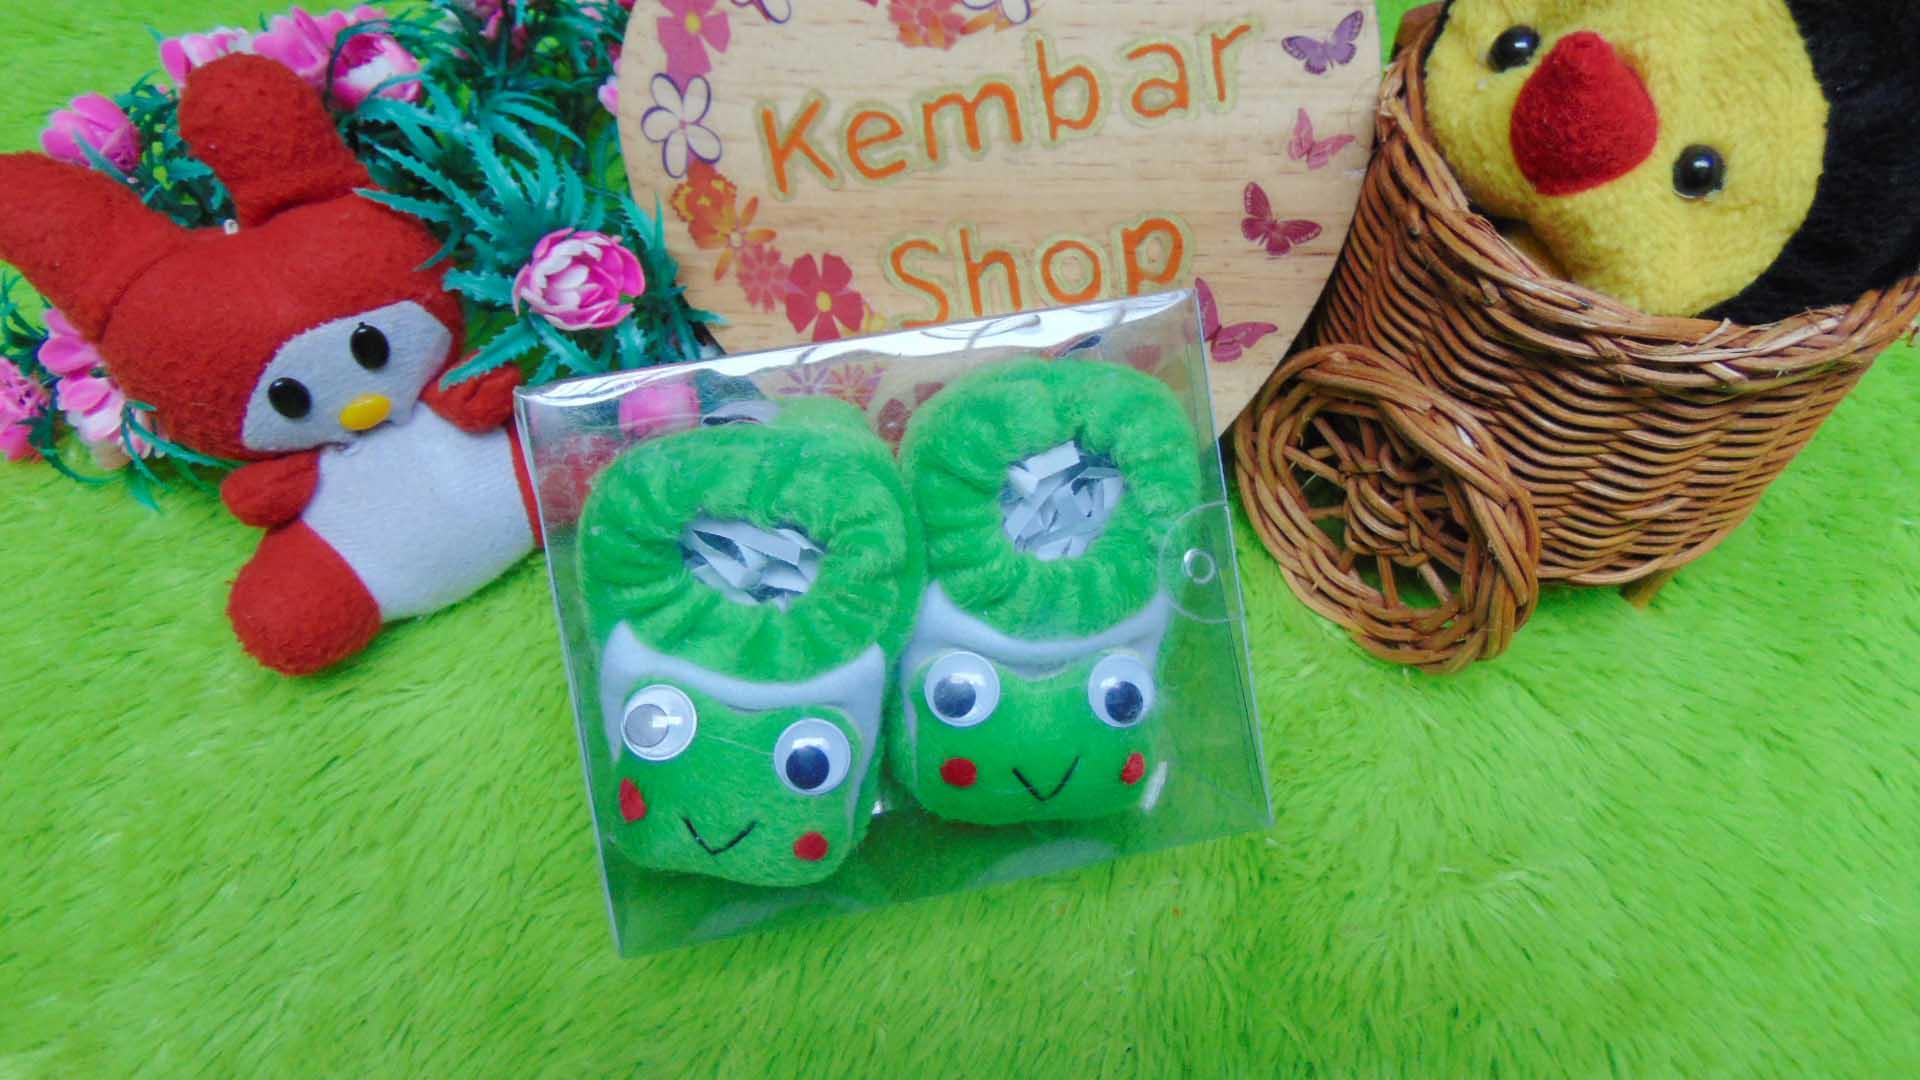 kado-bayi-baby-gift-set-sepatu-prewalker-alas-kaki-newborn-0-6bulan-lembut-motif-keroppi-2